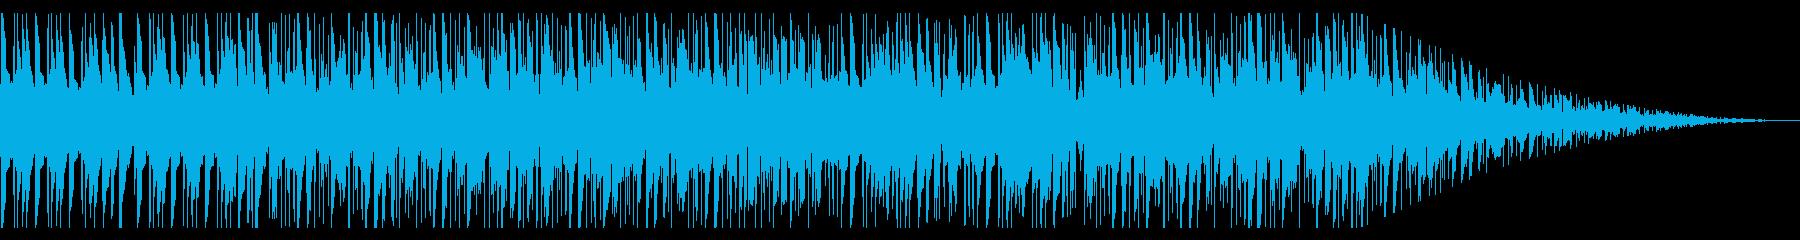 レコードで聴いている様なチルBGM_2の再生済みの波形